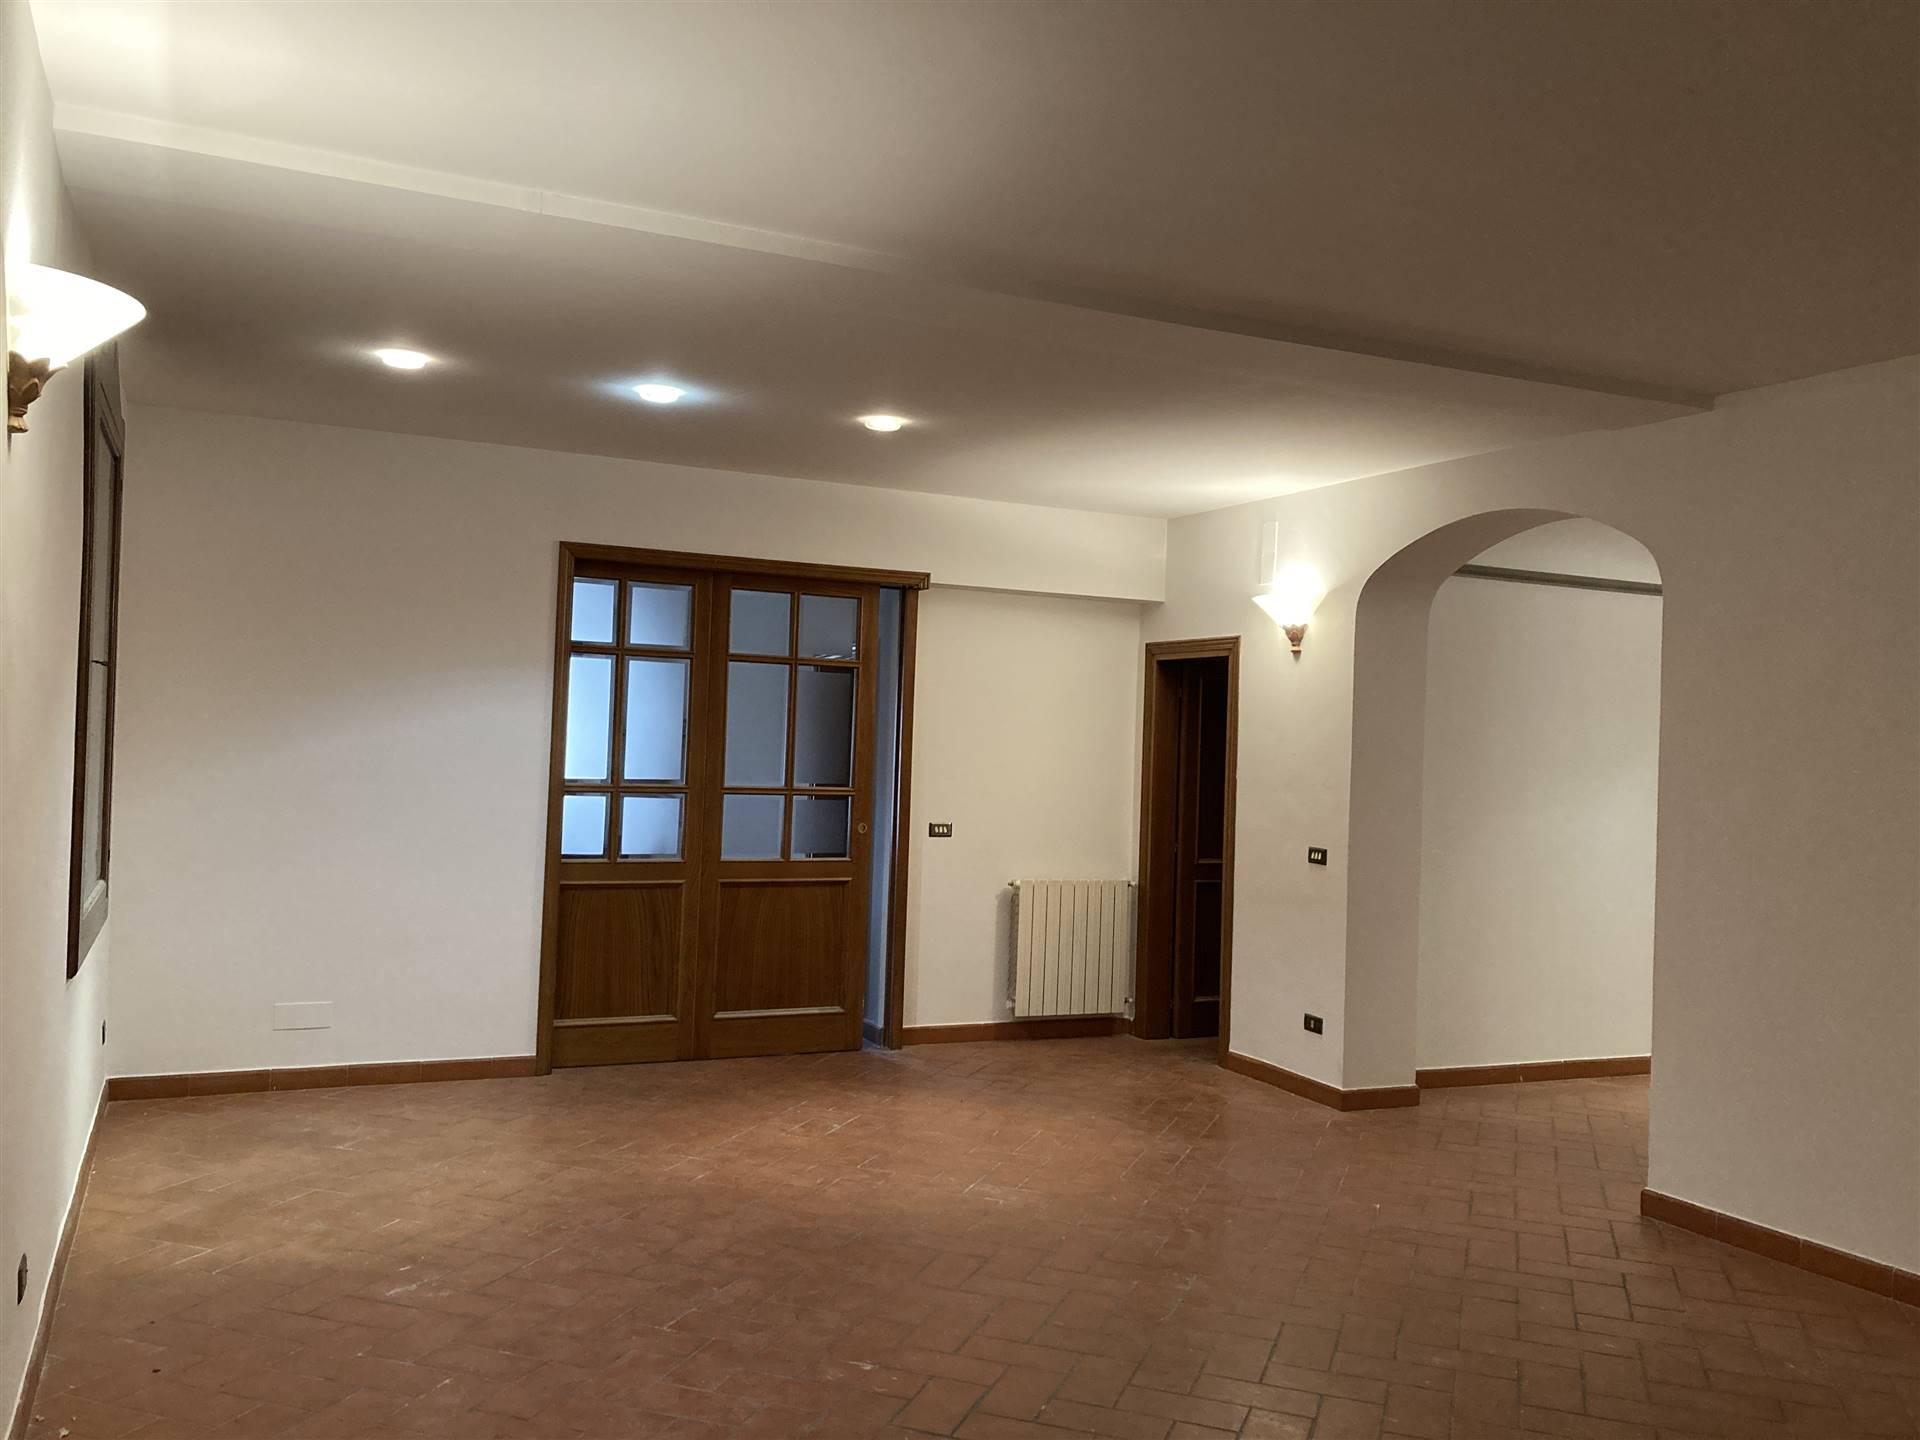 Appartamento in vendita a San Casciano in Val di Pesa, 4 locali, prezzo € 278.000 | PortaleAgenzieImmobiliari.it